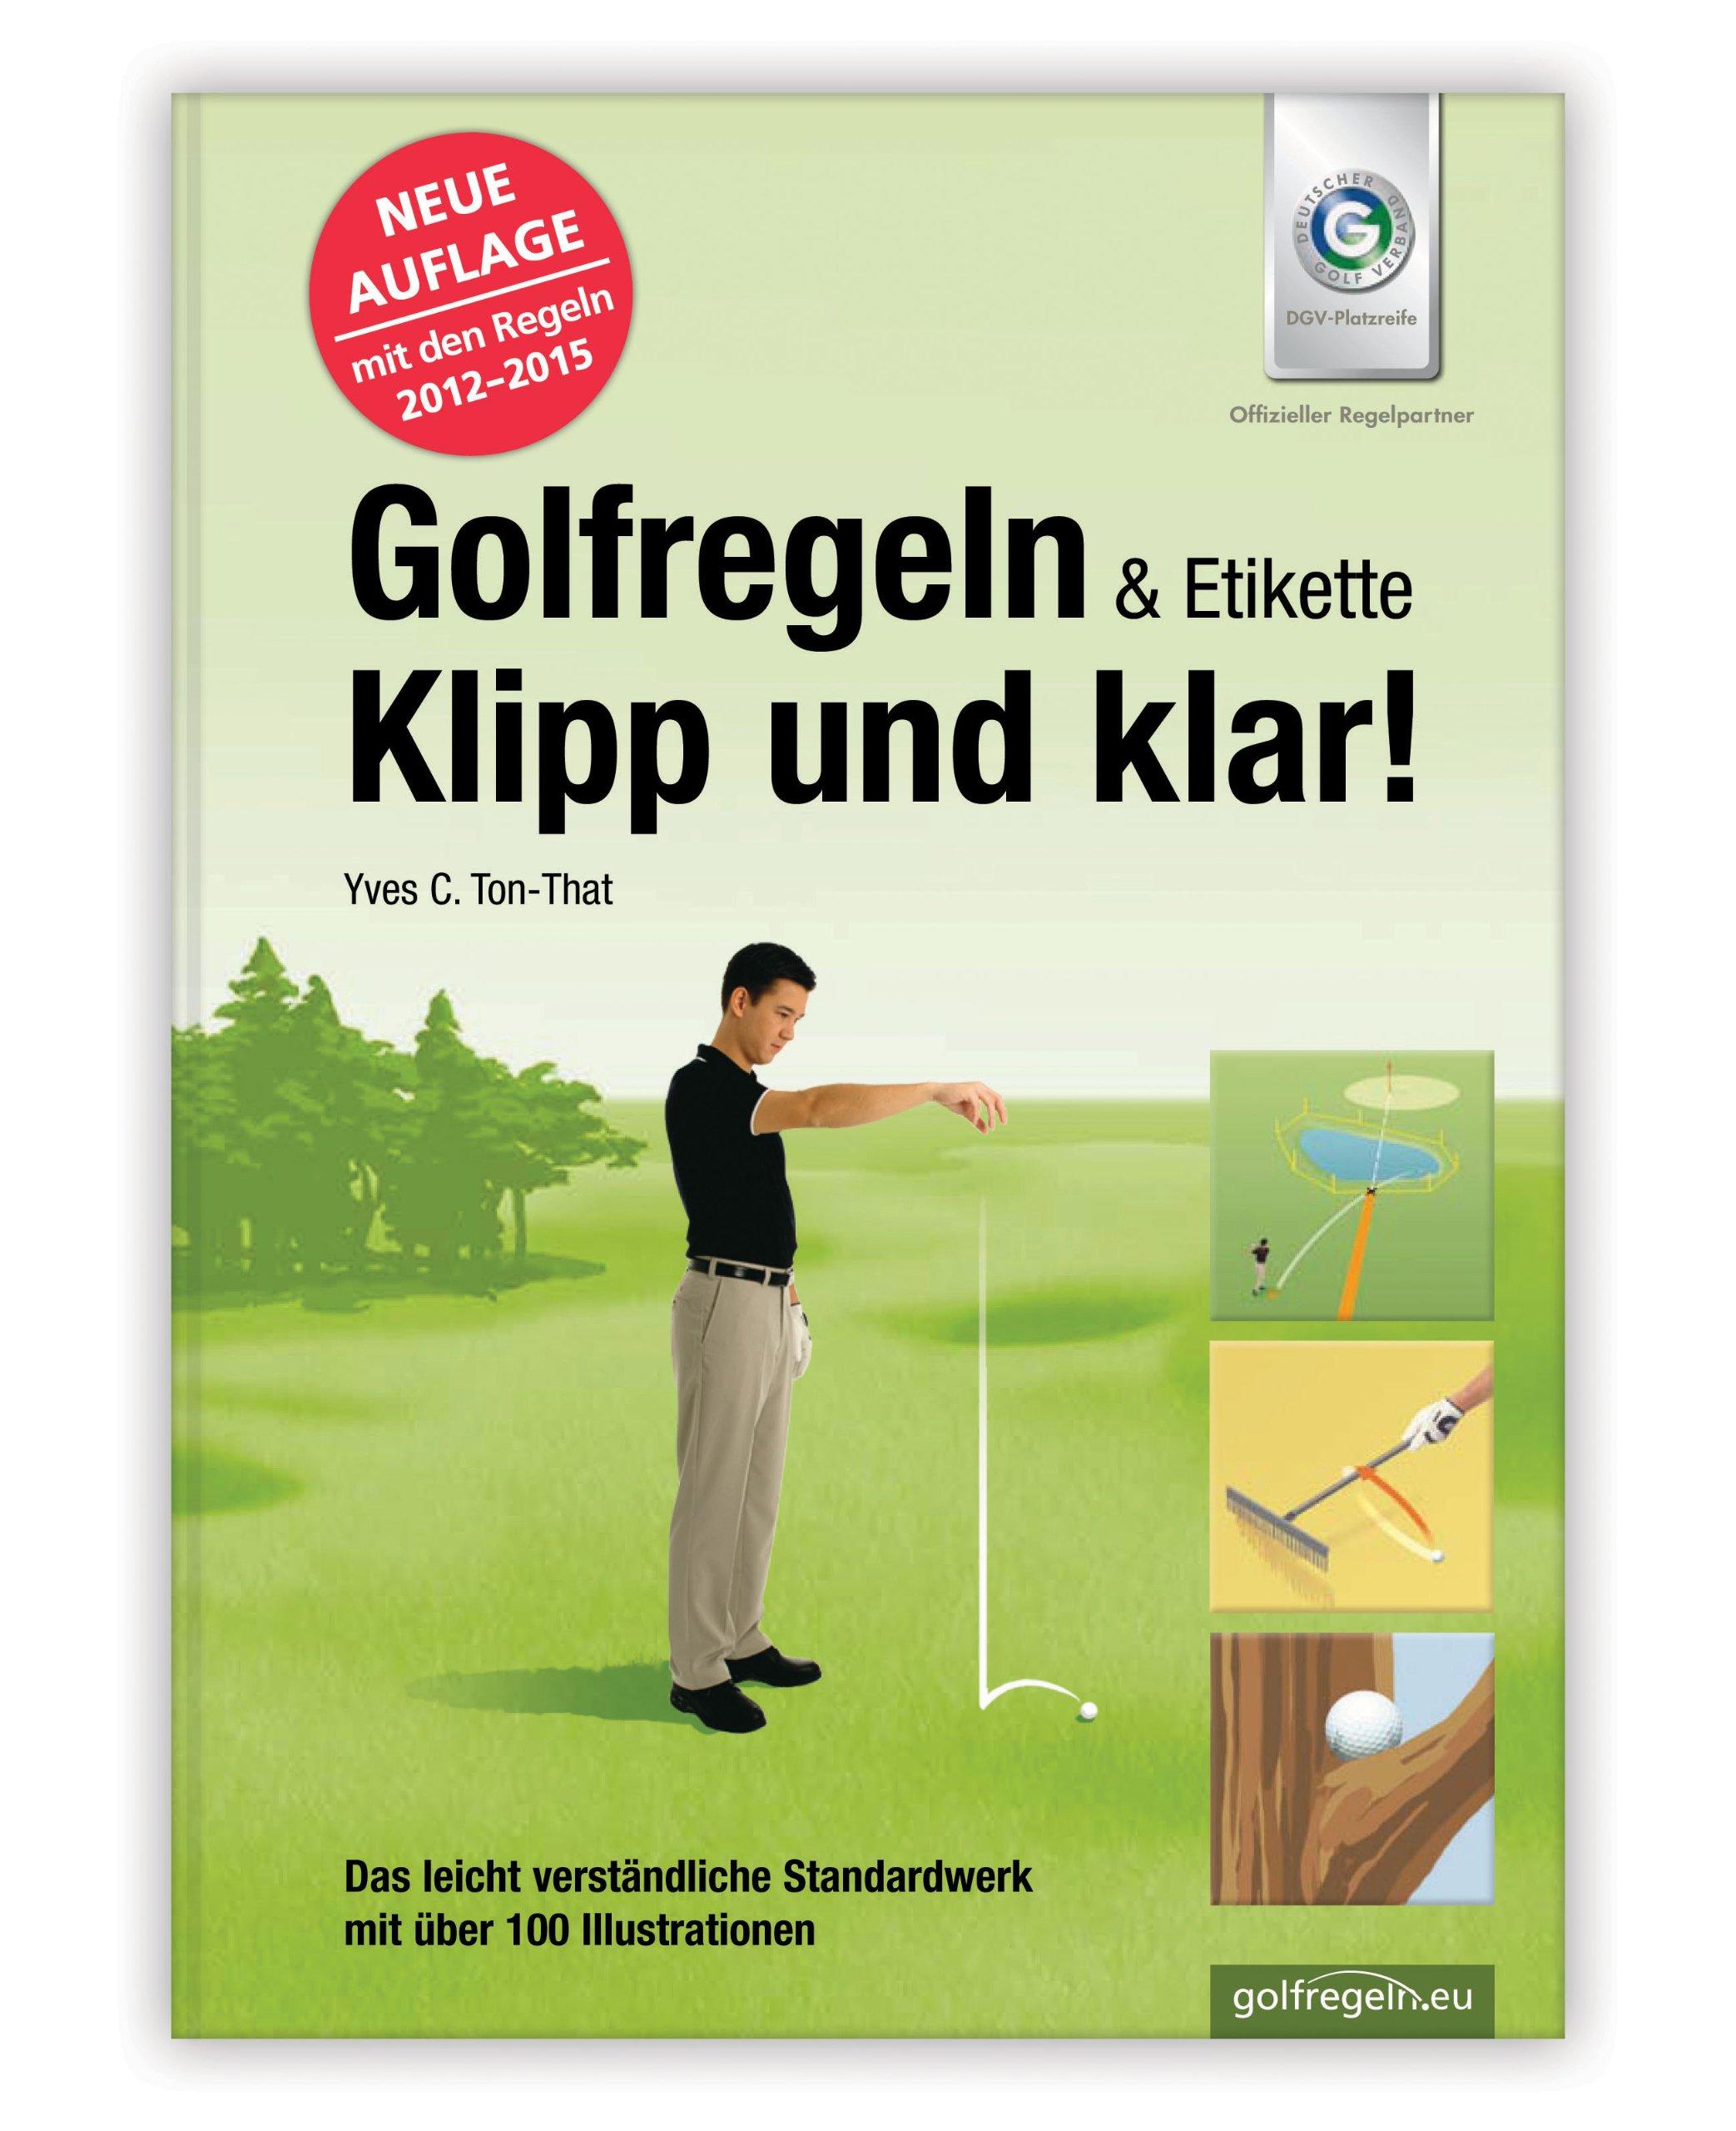 Golfregeln Klipp und klar. Vorbereitung auf die Golf Platzreife.